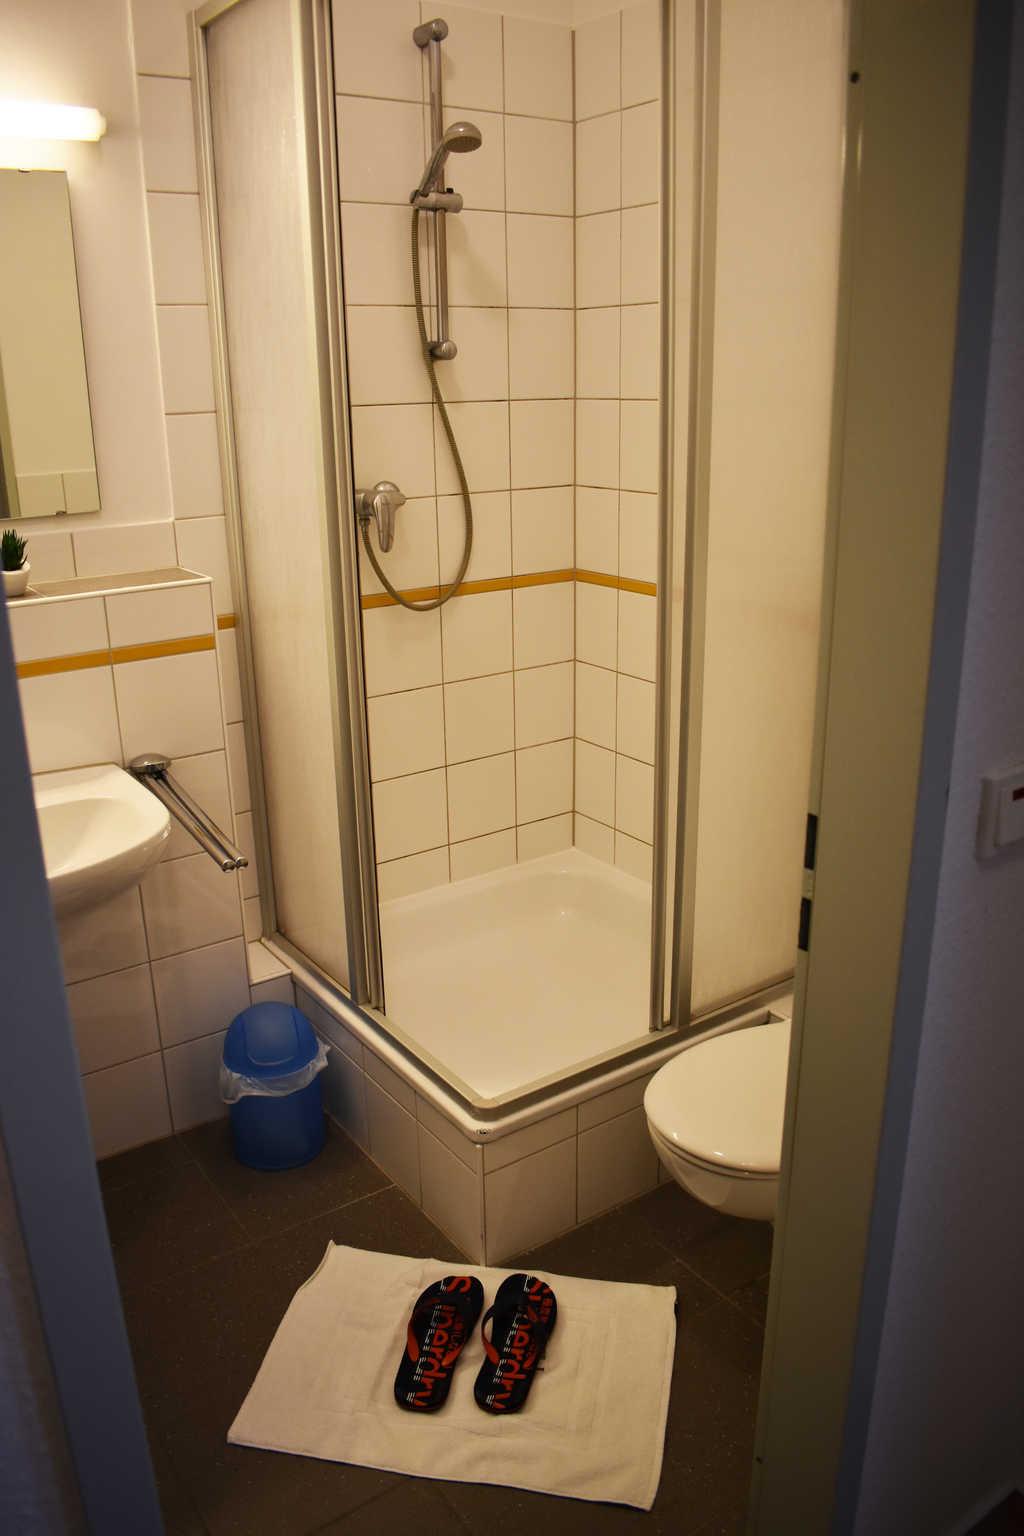 Posthus Borkum, Posthus Borkum Apartment 101